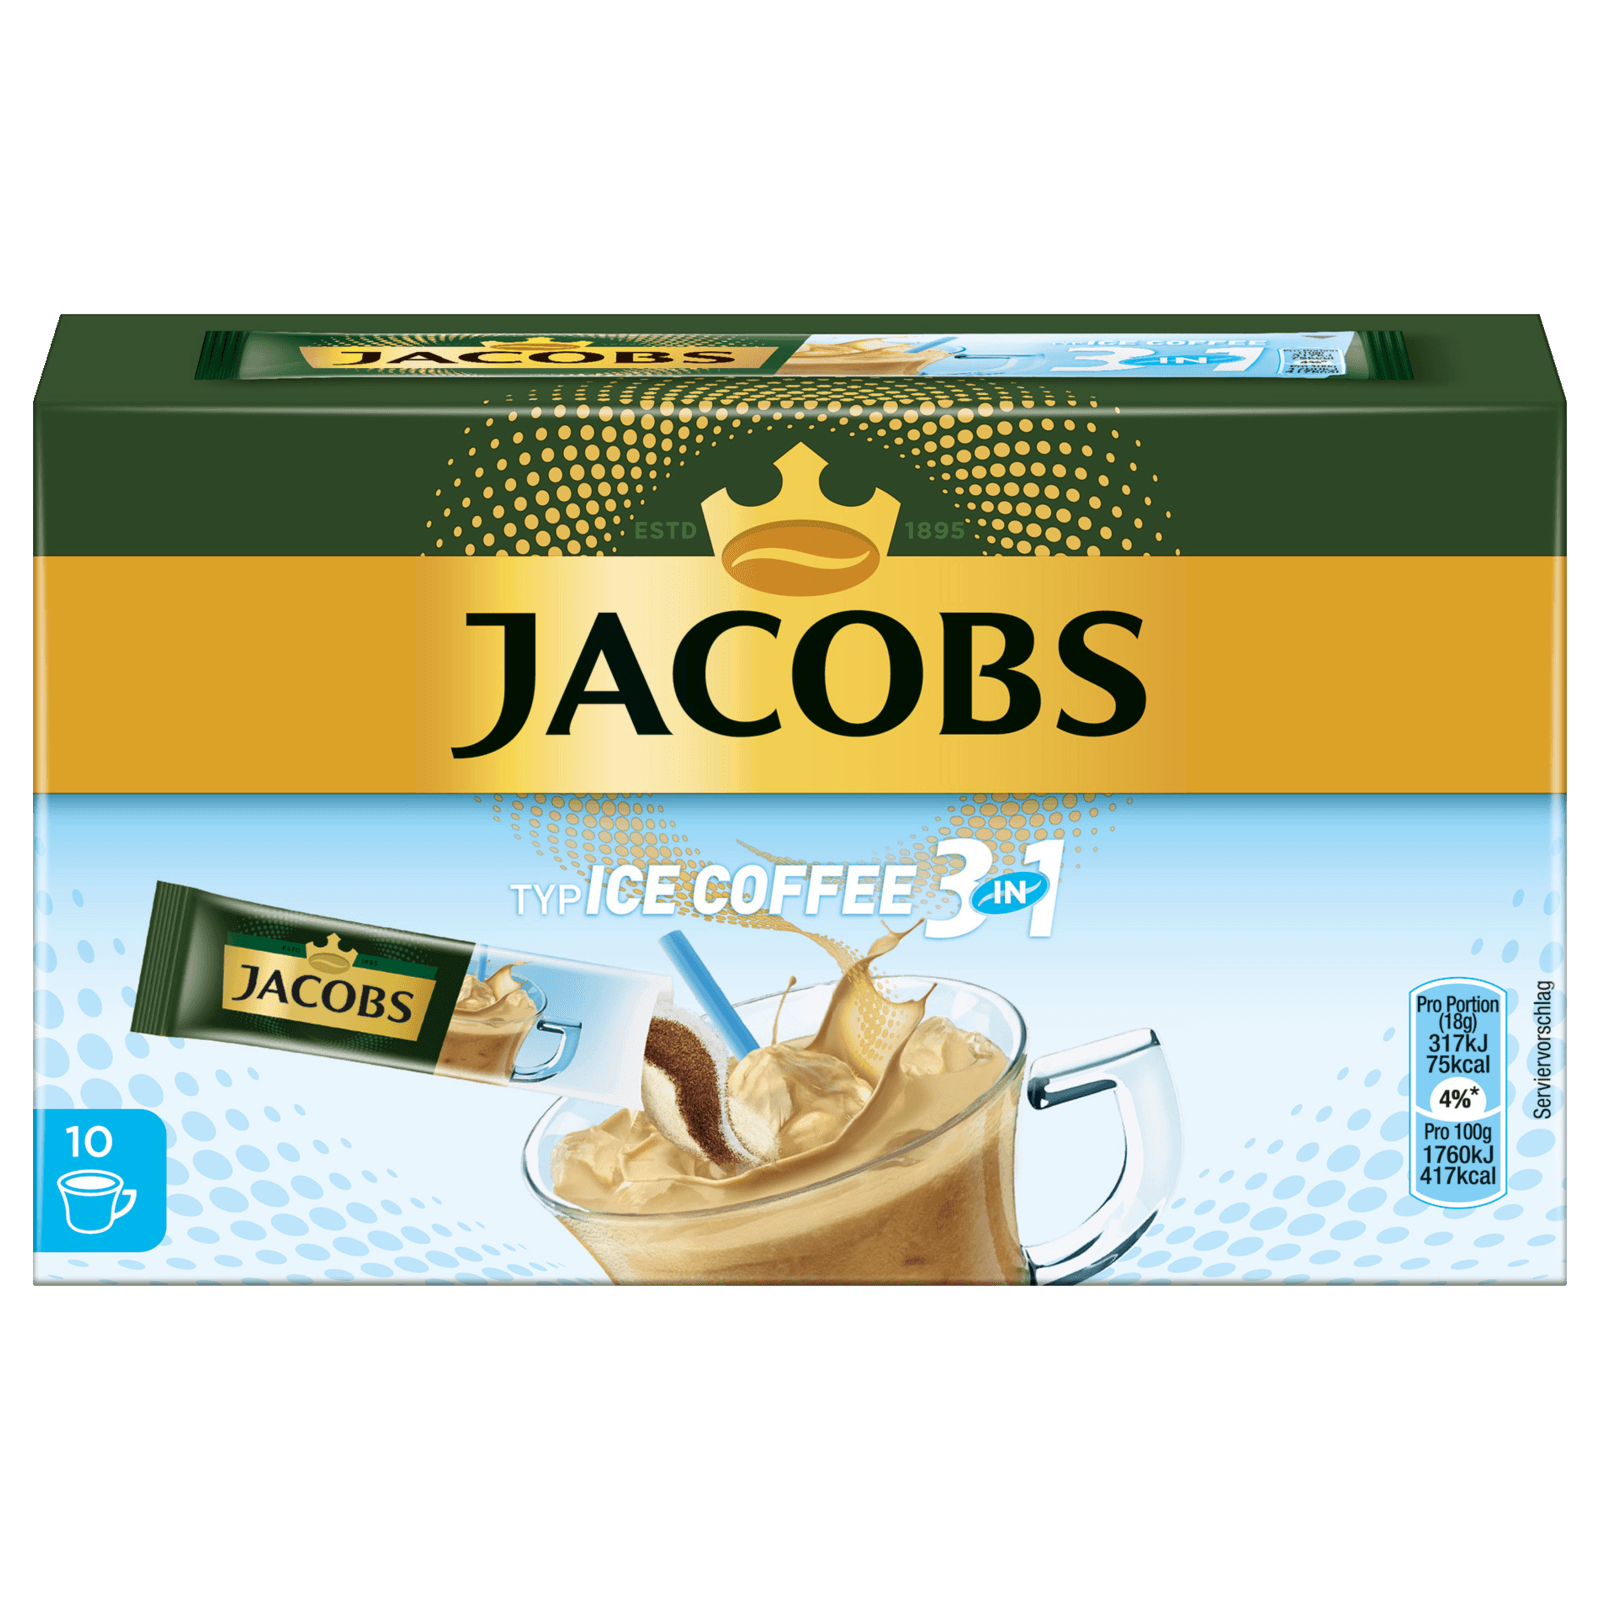 Jacobs Ice Coffee 3in1 180g, 10 Stück bei REWE online bestellen!